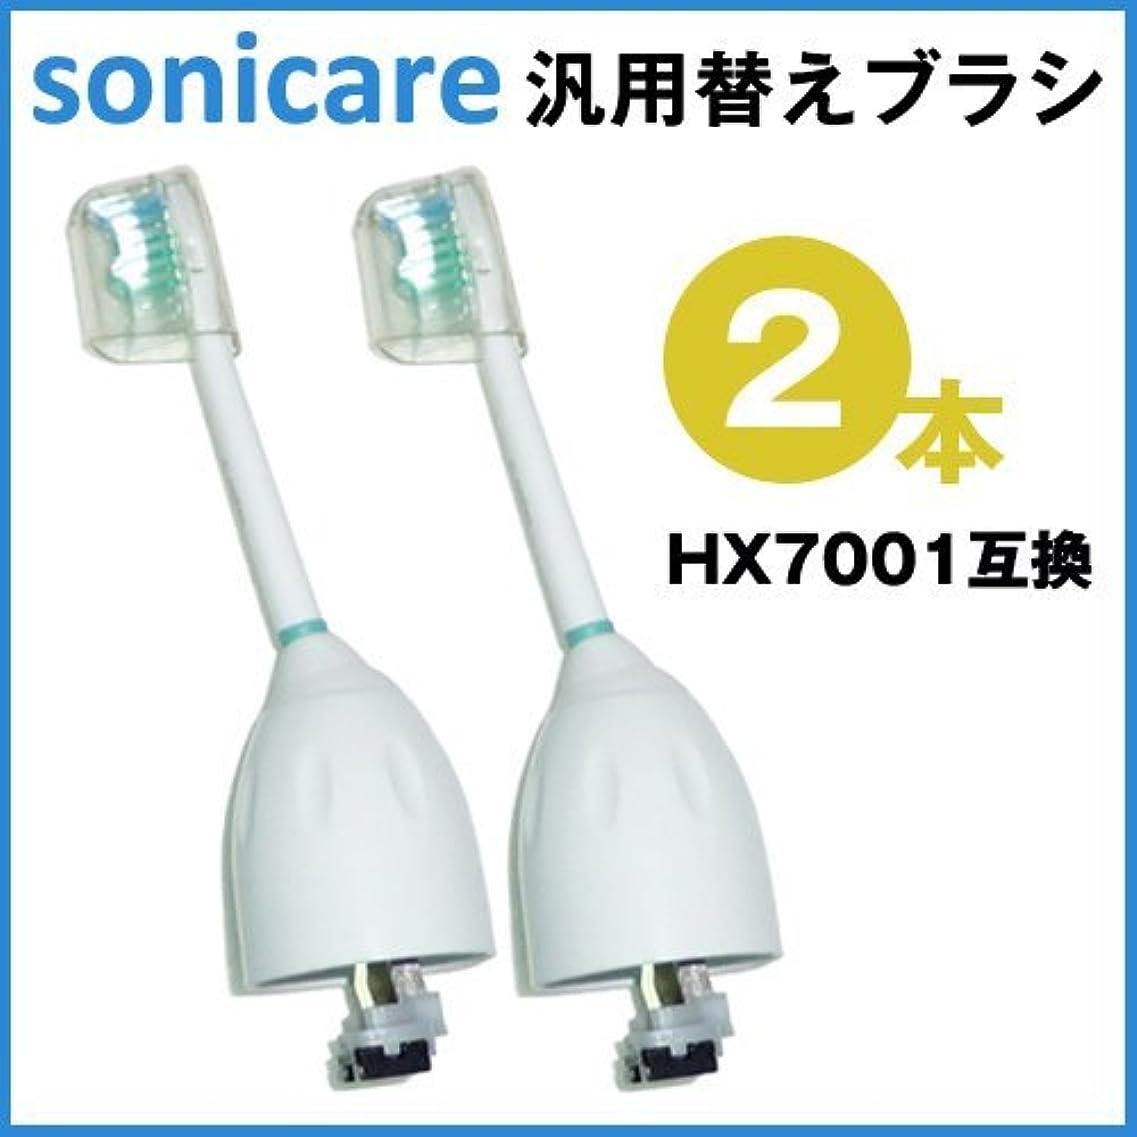 怠なの間で昇進フィリップス ソニッケア対応電動歯ブラシ 汎用替えブラシ hx7001 hx7001/06 hx7001/06 hx7002 hx7002/05 hx7002/22 [並行輸入品]